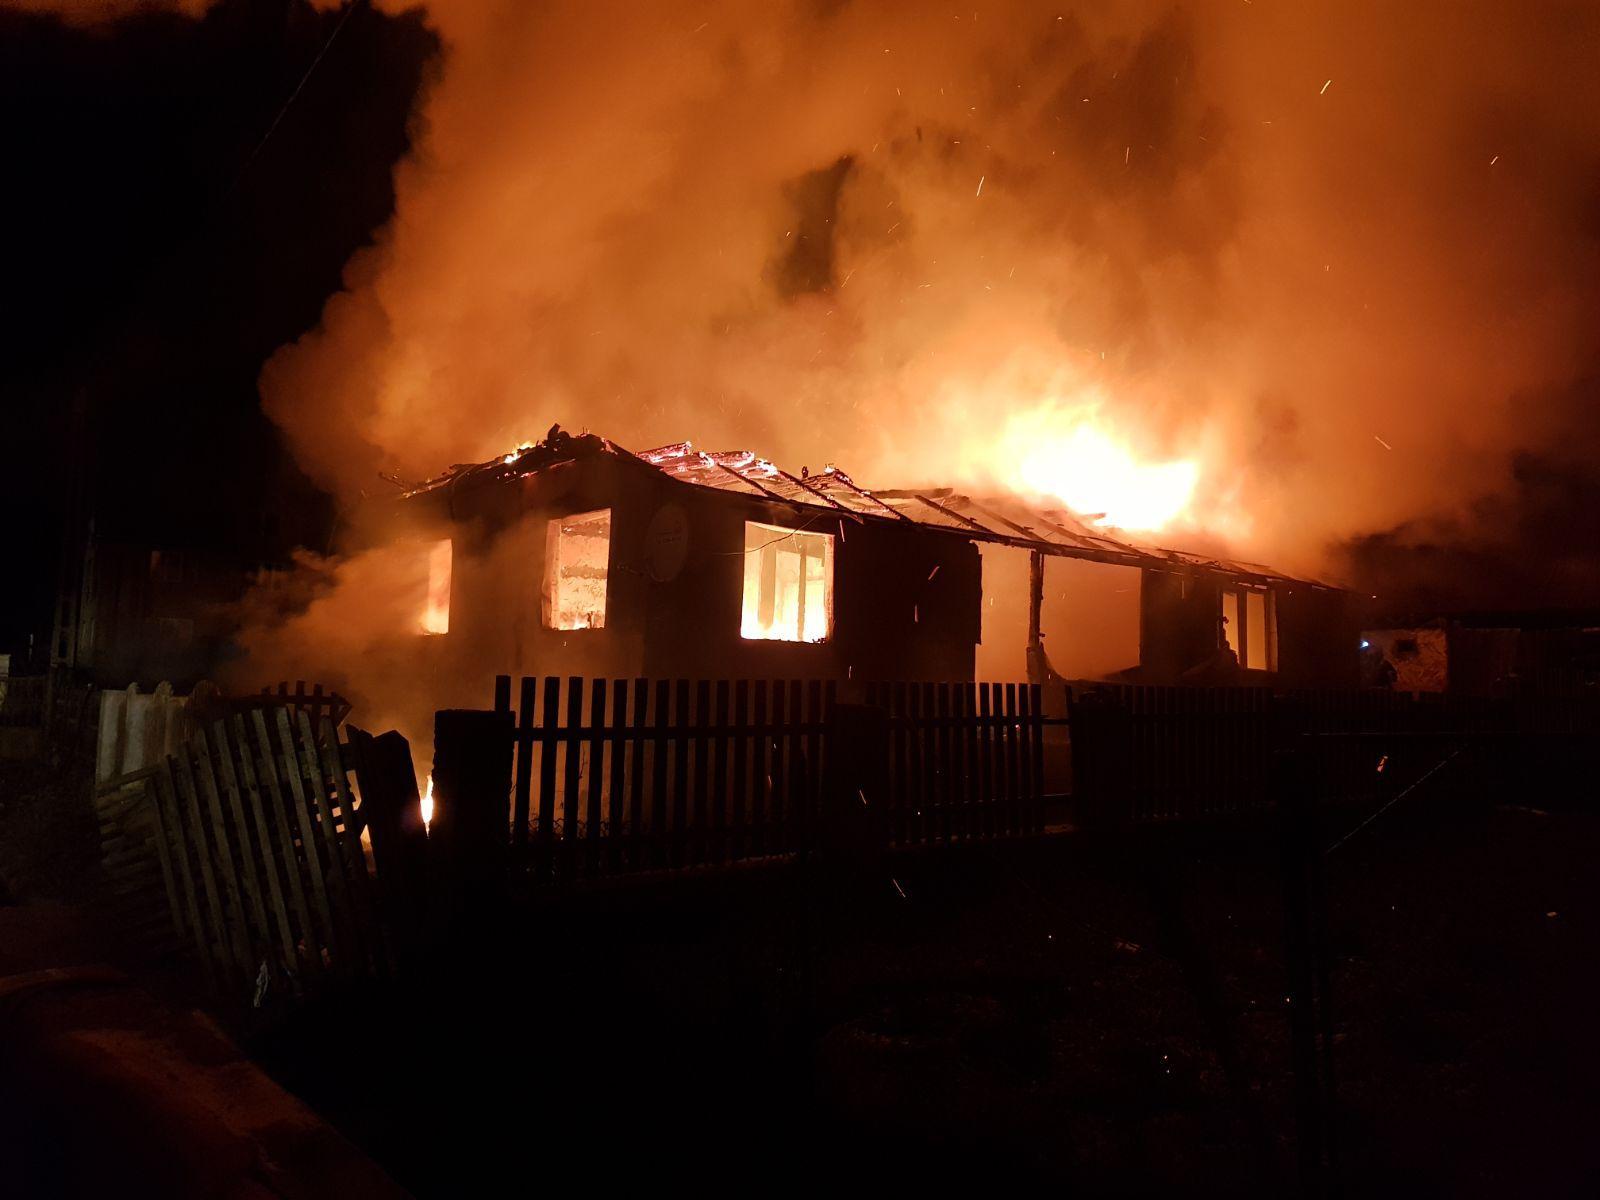 Un bărbat a murit într-un incendiu izbucnit la două locuinţe din Bistriţa-Năsăud | FOTO, VIDEO